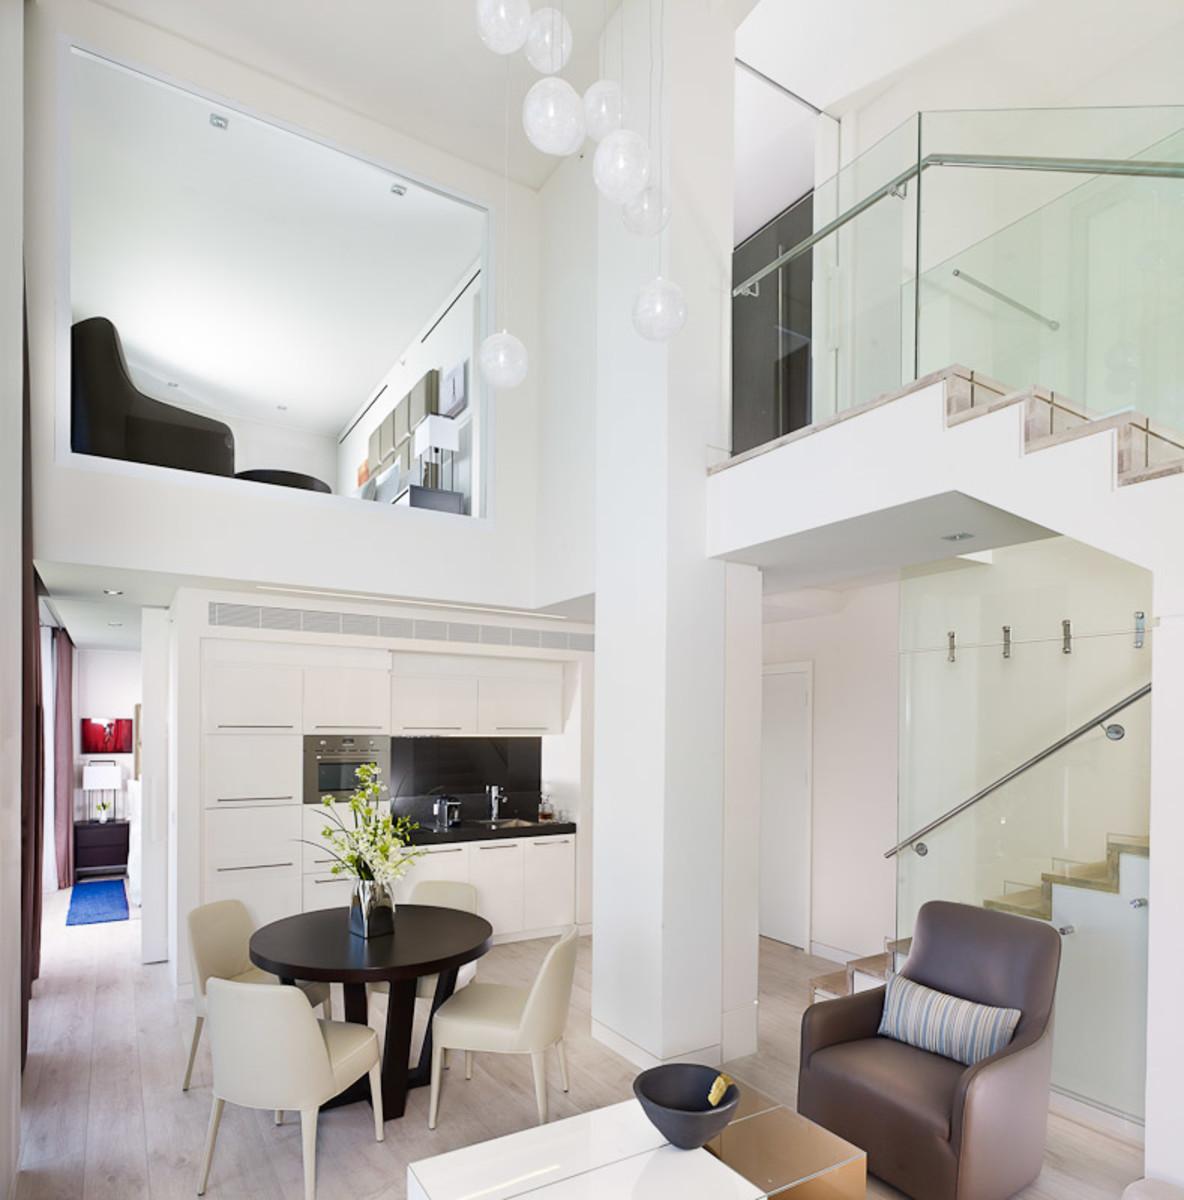 Ritz Carlton Herzliya penthouse